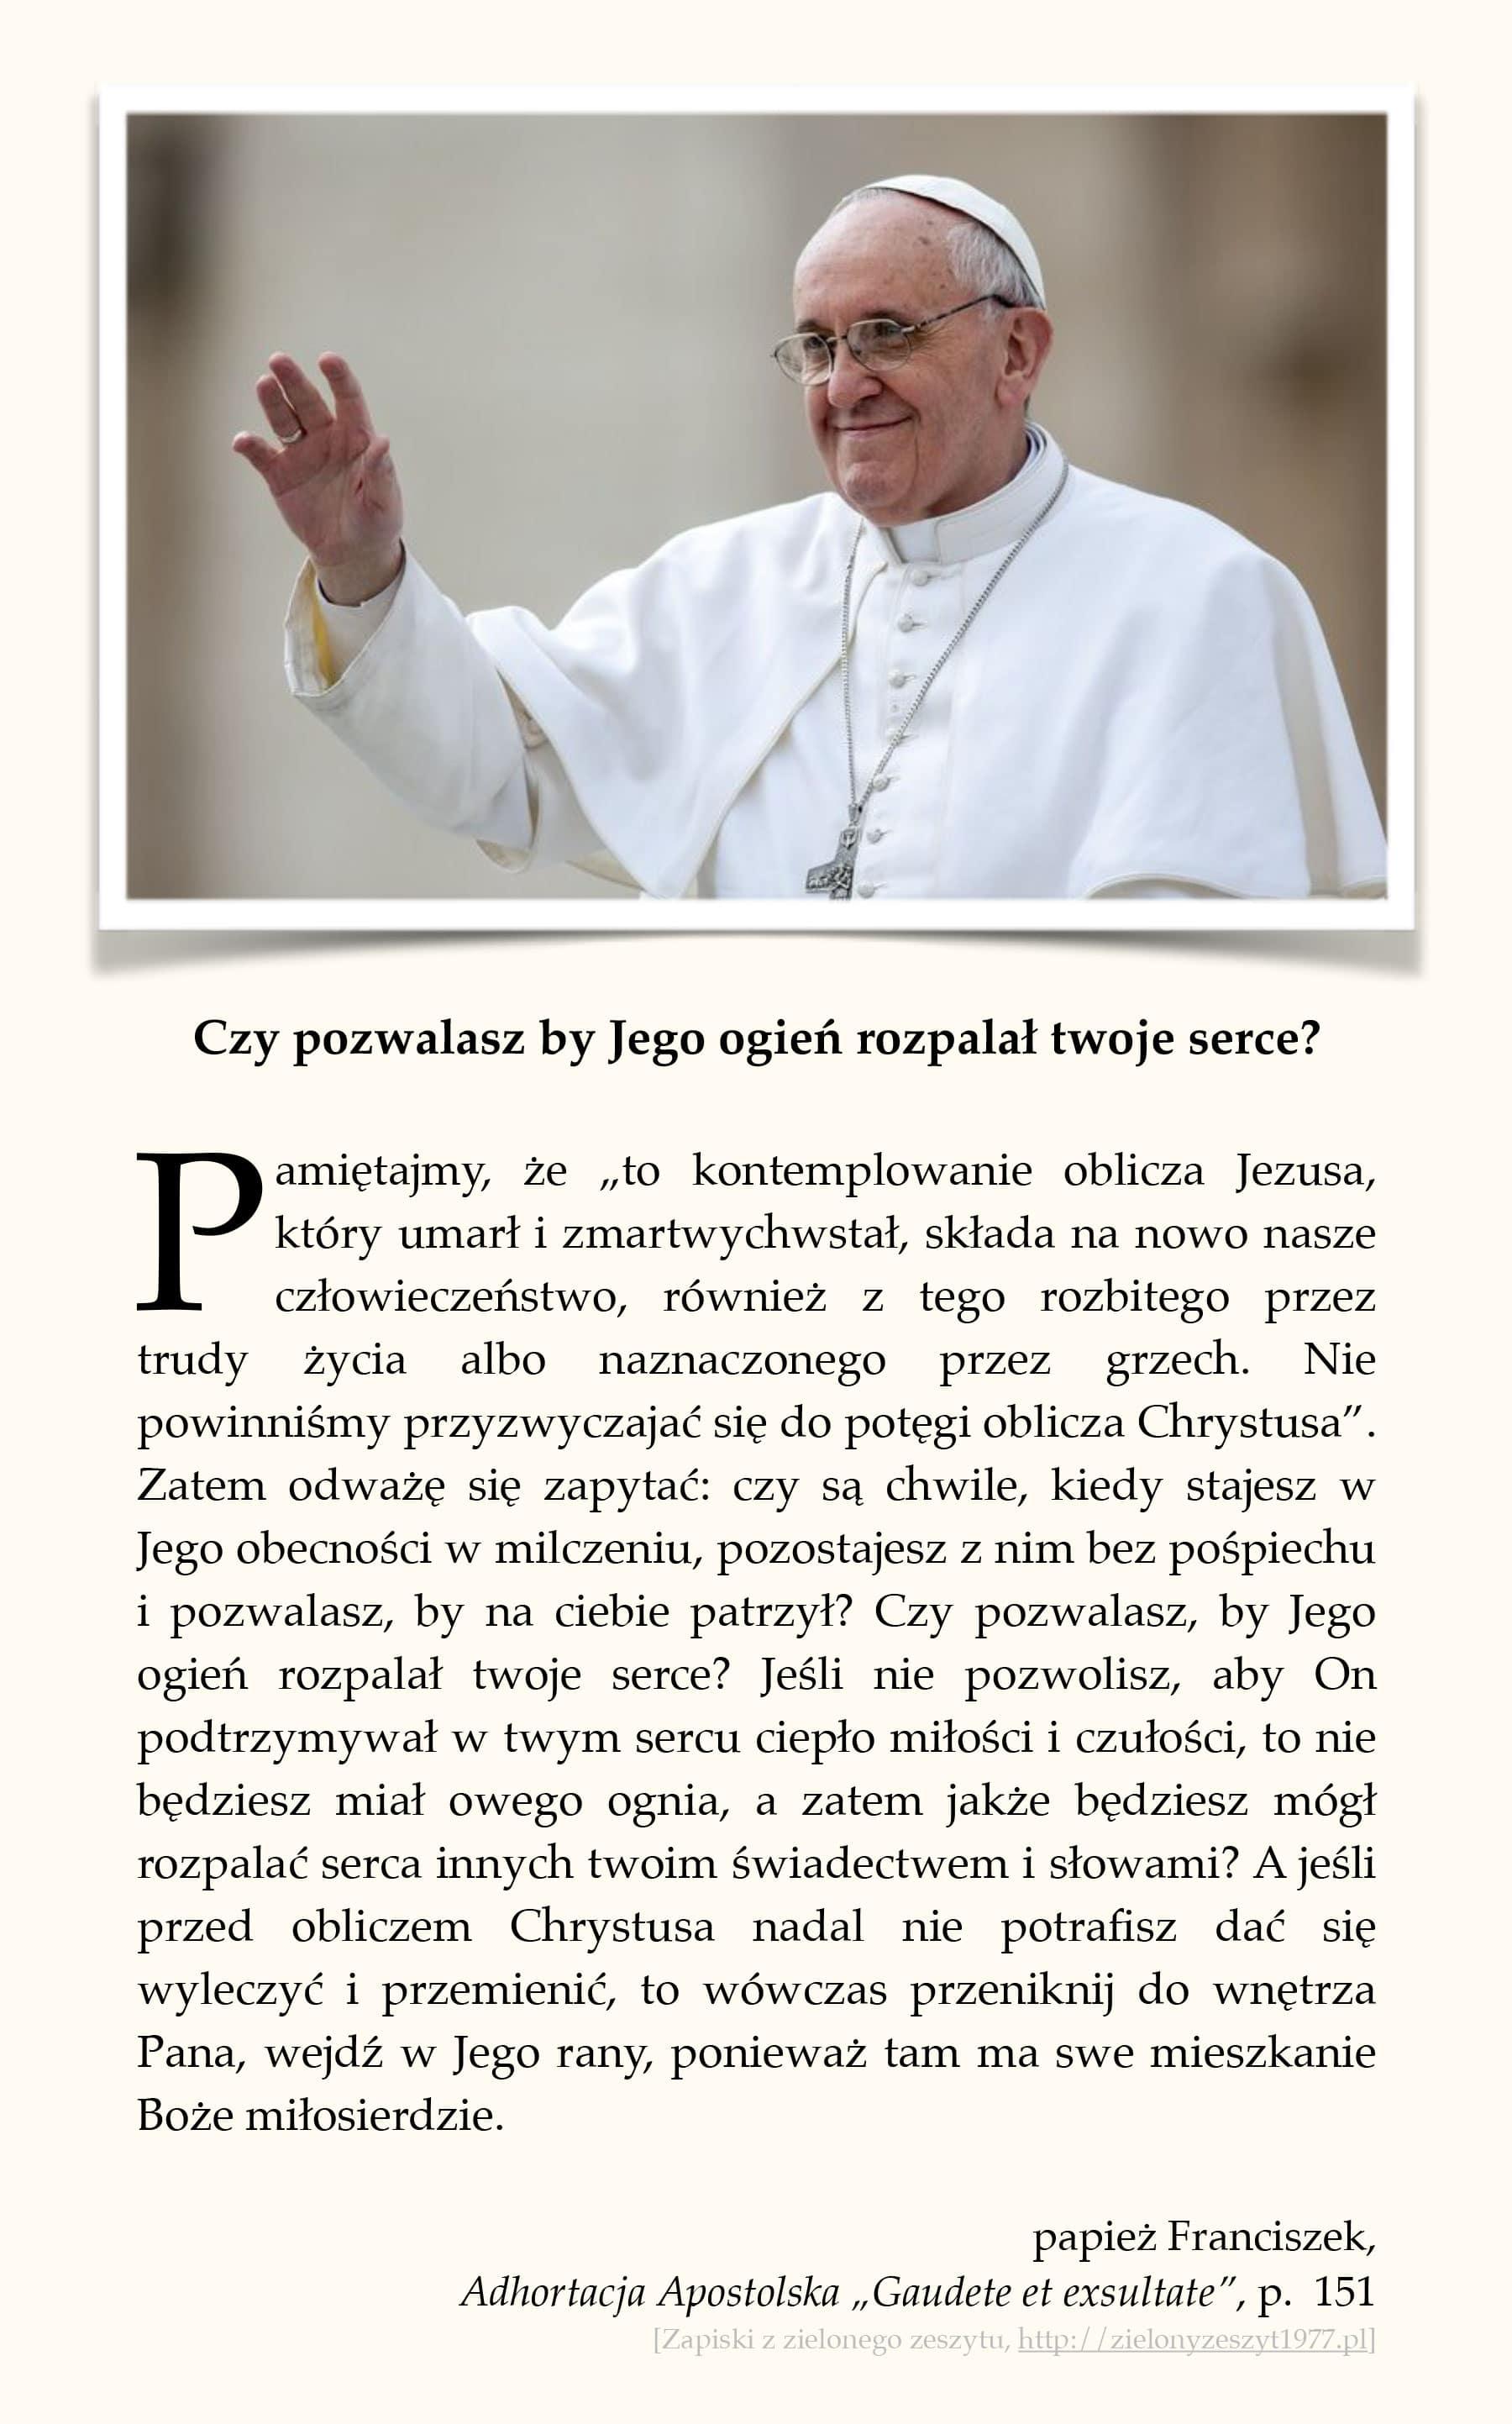 """papież Franciszek, Adhortacja Apostolska """"Gaudete et exsultate"""", p. 151 (Czy pozwalasz by Jego ogień rozpalał twoje serce?)"""